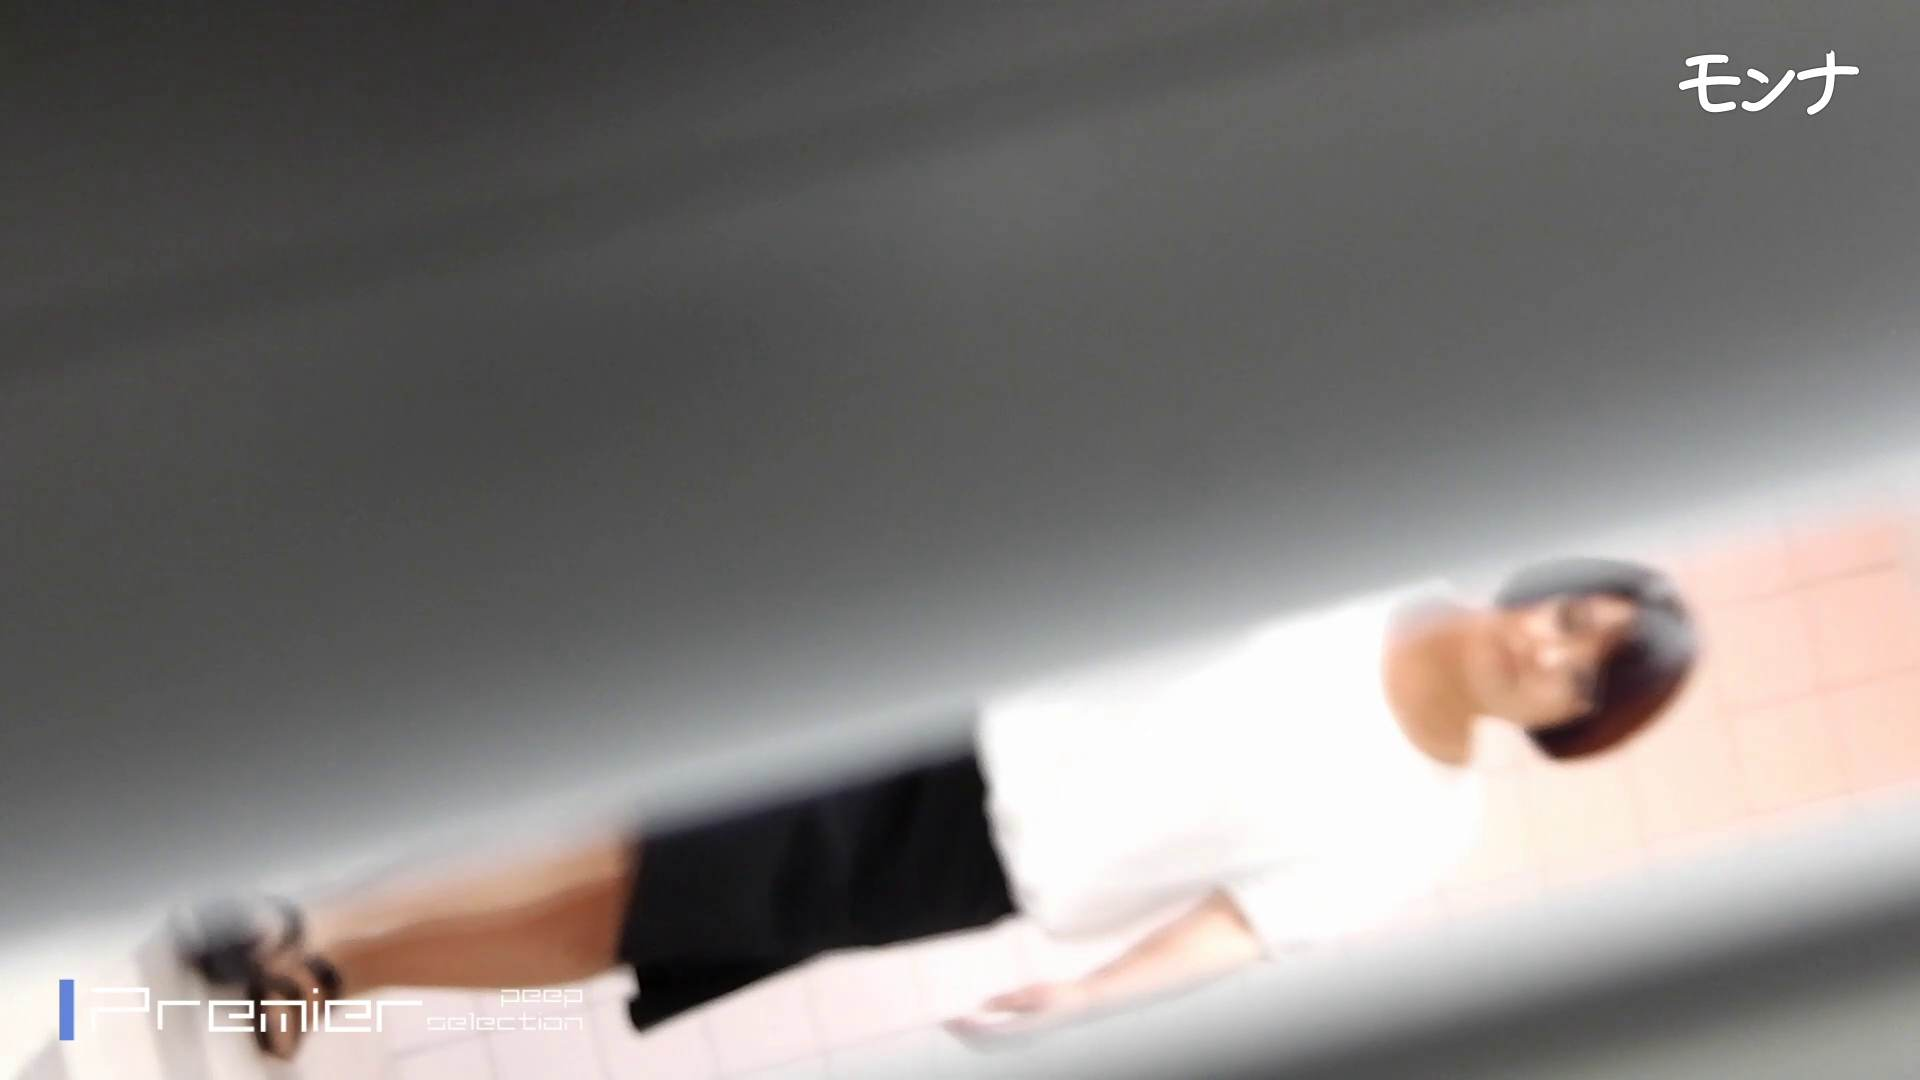 美しい日本の未来 No.84この美脚と距離感 盗撮 オマンコ無修正動画無料 111枚 38